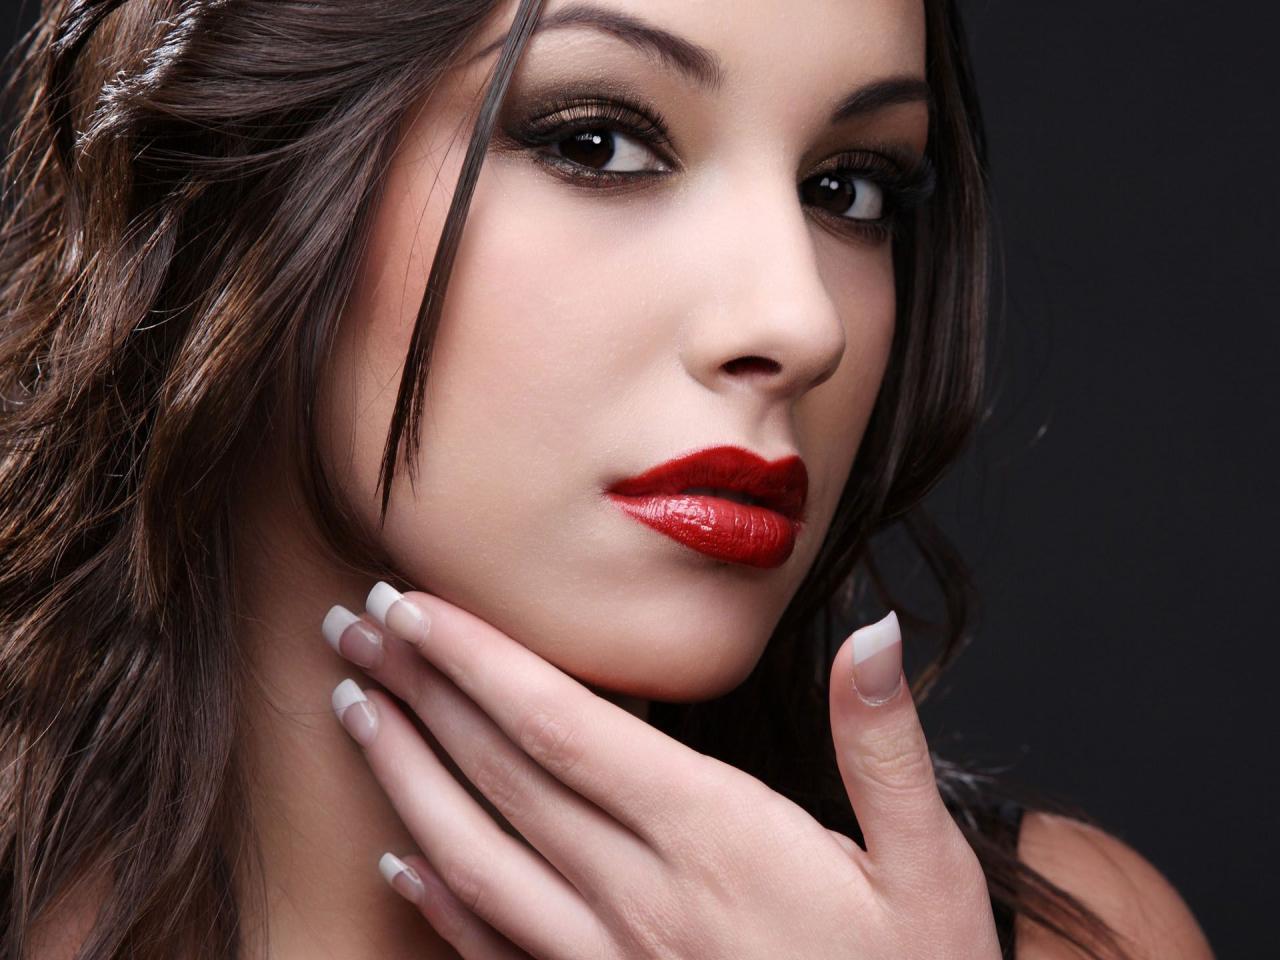 صور صور بنات حلوات جديد , احلي بنات مشهورة علي السوشيال ميديا بجمالها